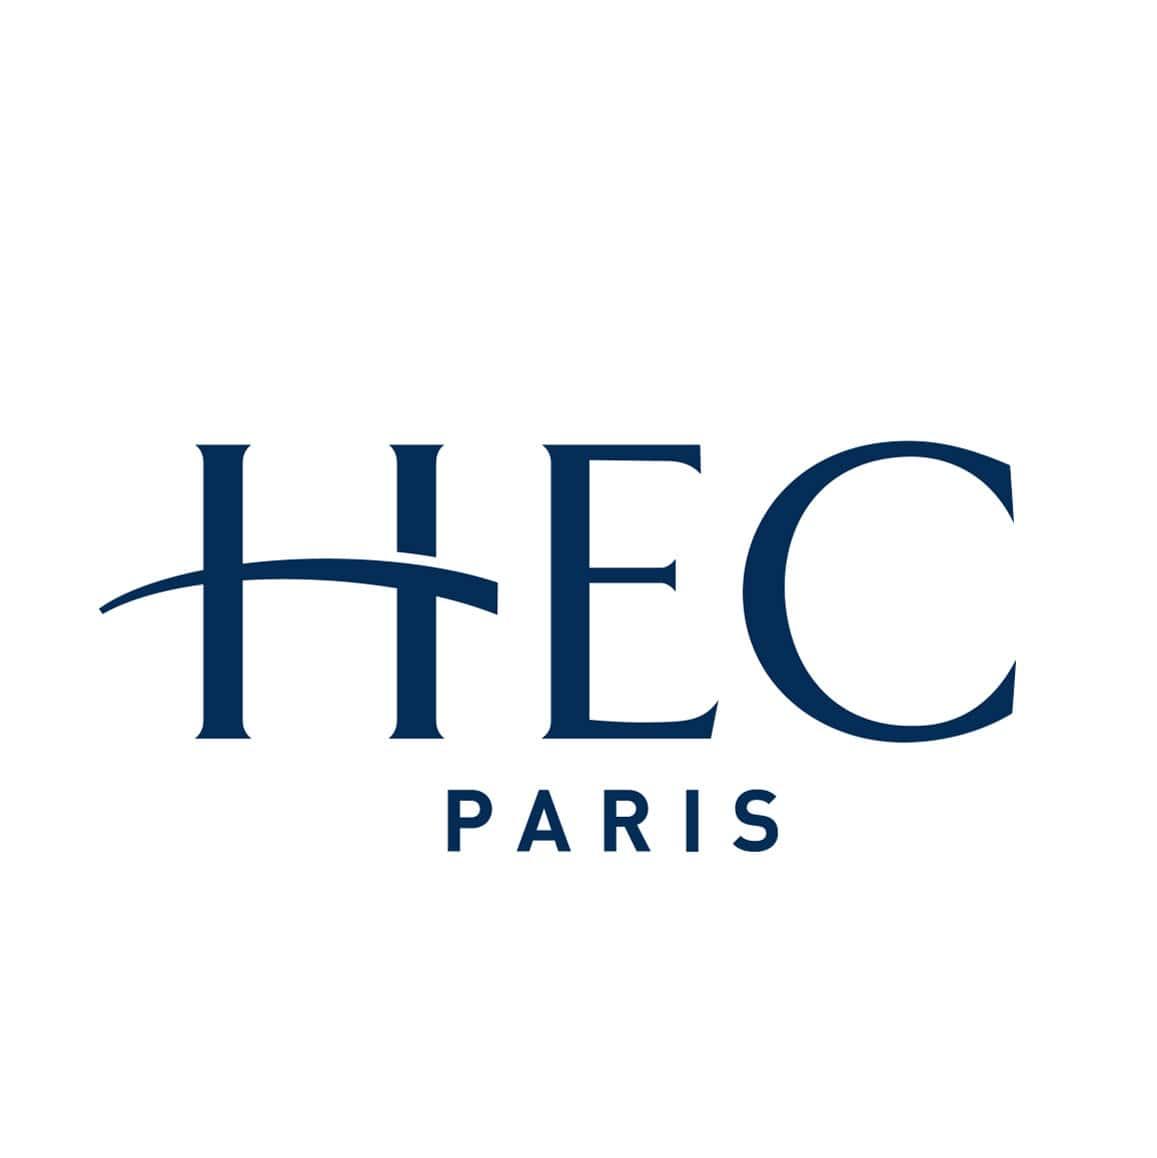 École des hautes études commerciales de Paris